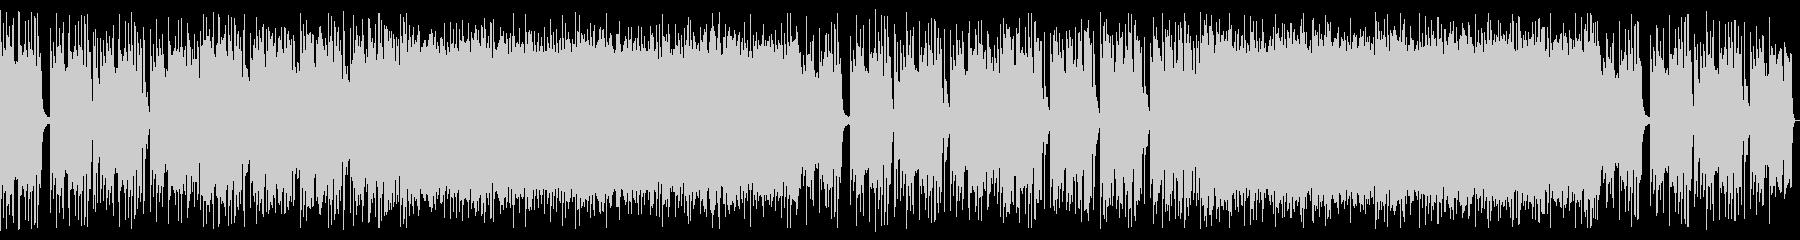 重厚感のあるハードロック_No661_1の未再生の波形